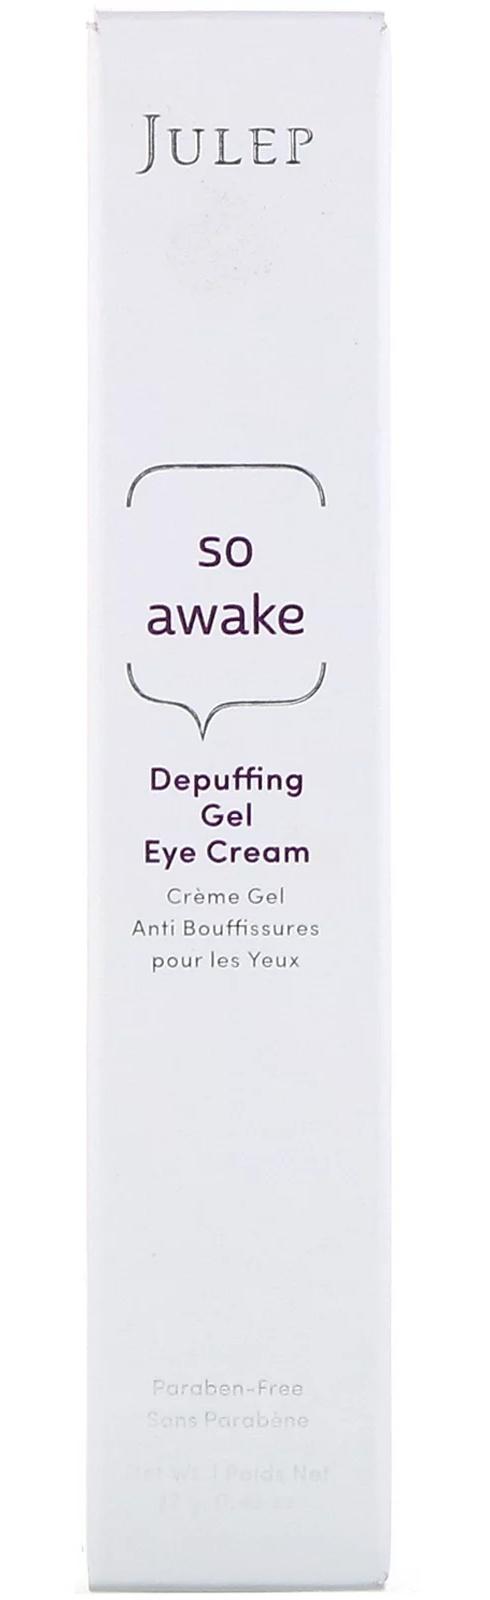 Julep So Awake, Depuffing Gel Eye Cream